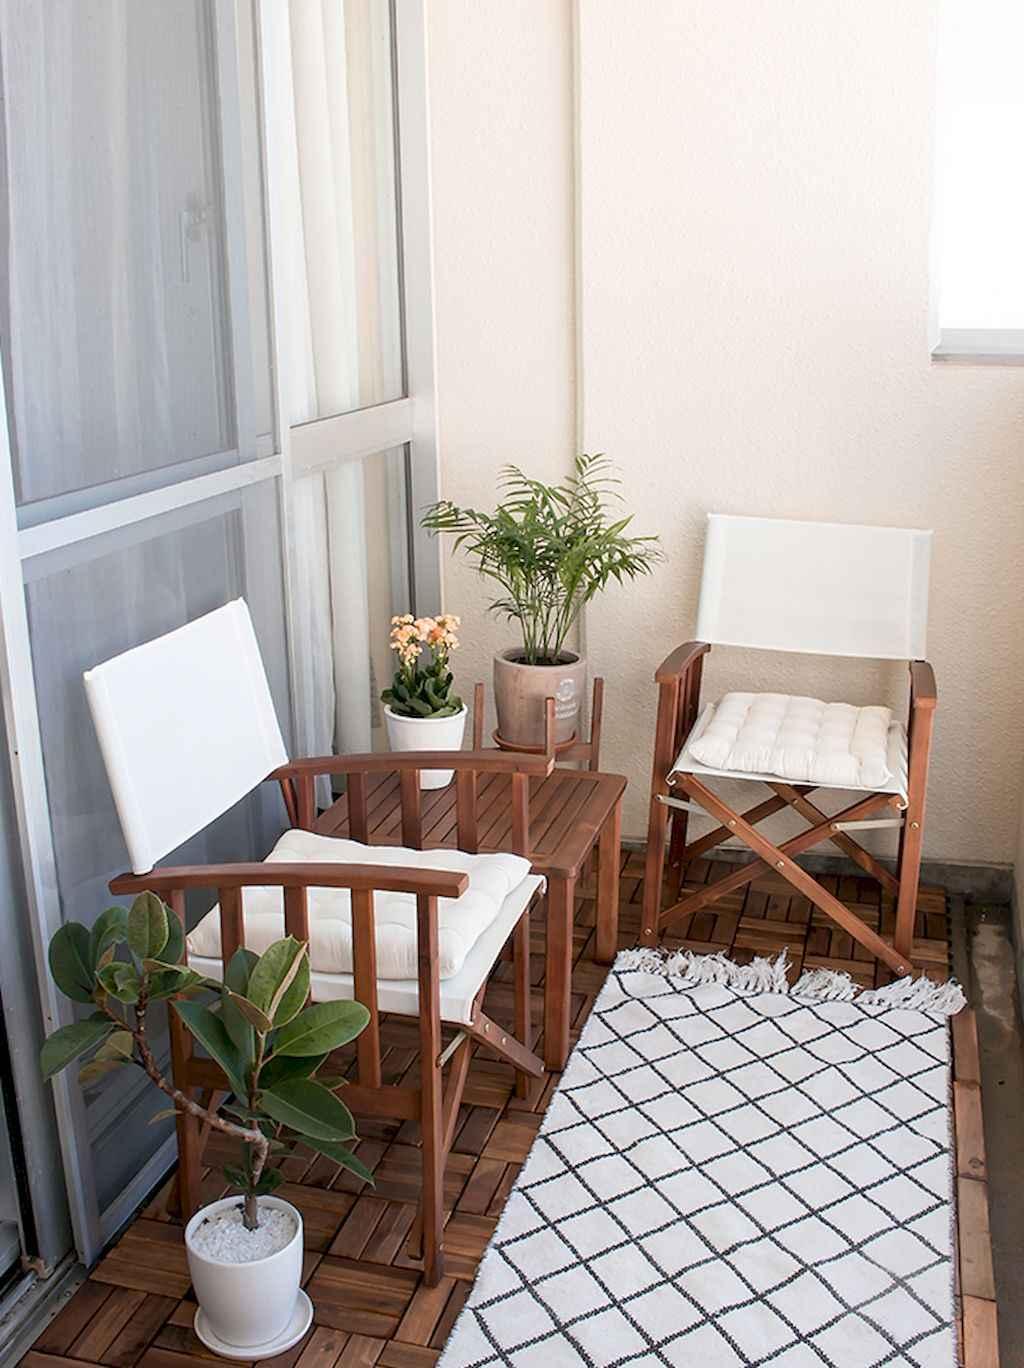 Small balcony decoration ideas (30)